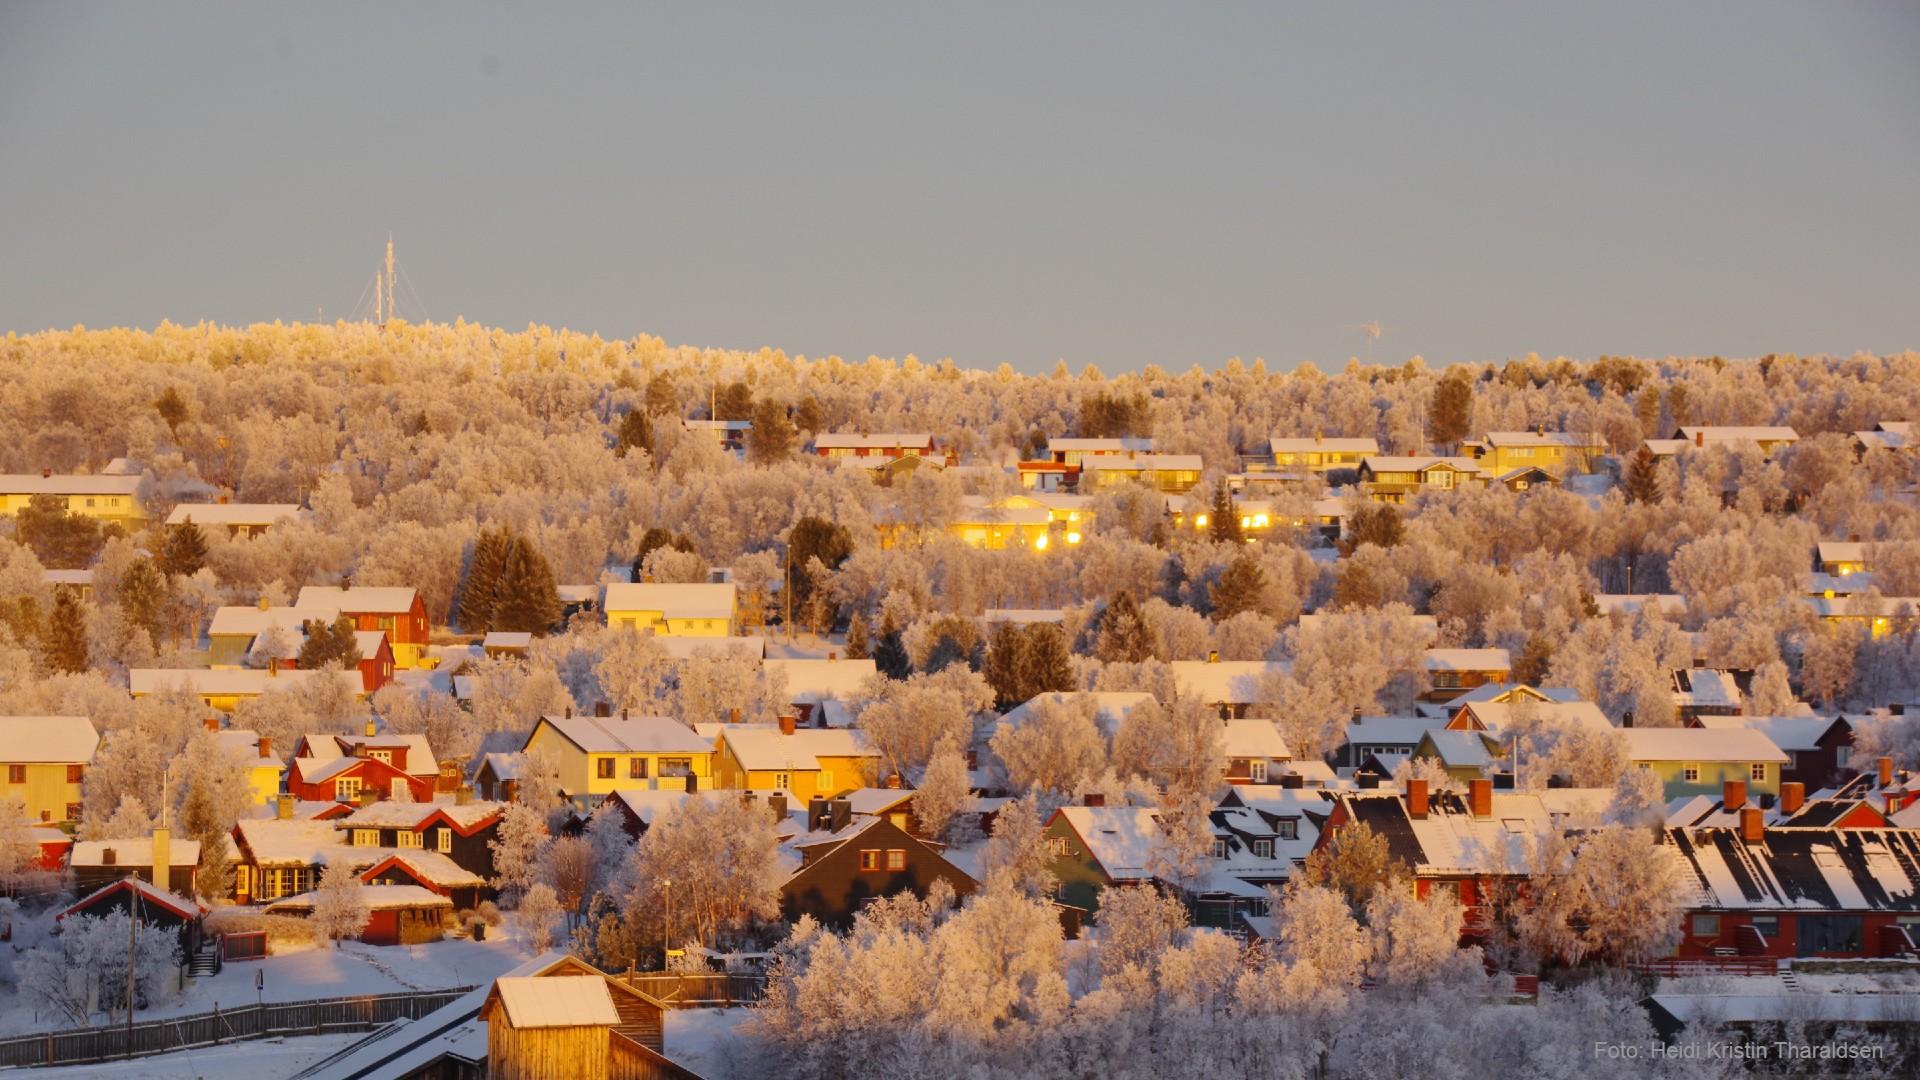 Bilde av en ås med mange bolighus, mot en blå himmel, en kald vintermorgen